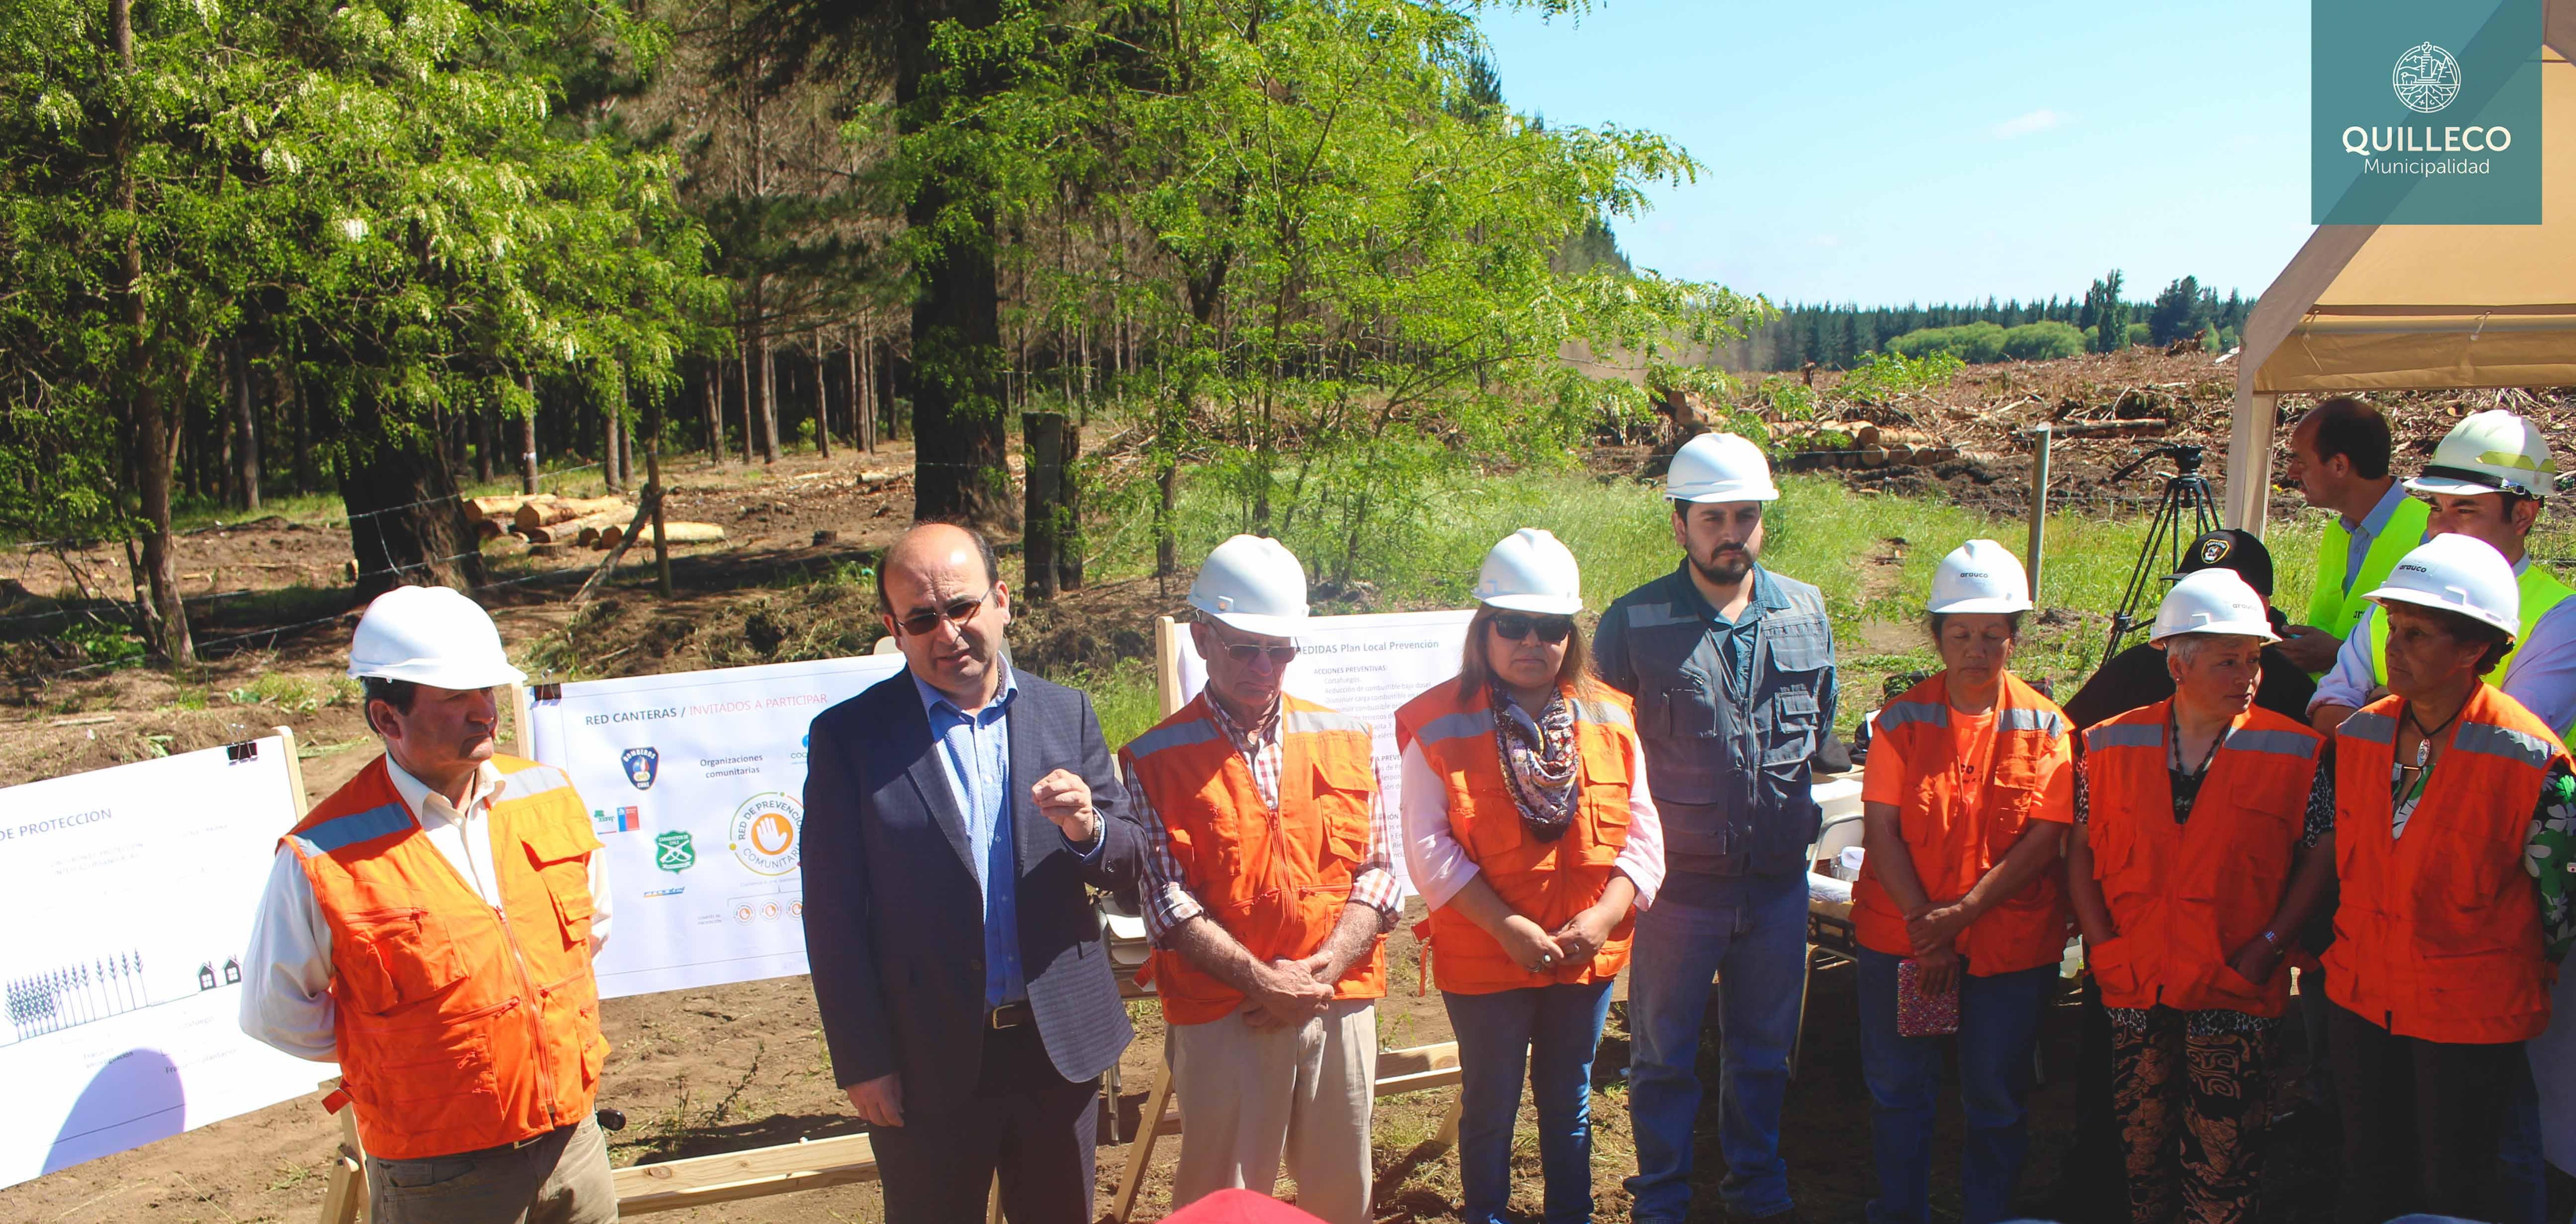 Como resultado de trabajos en conjunto, Forestal Arauco amplia cortafuego que separa plantaciones forestales de la comunidad en la Comuna de Quilleco